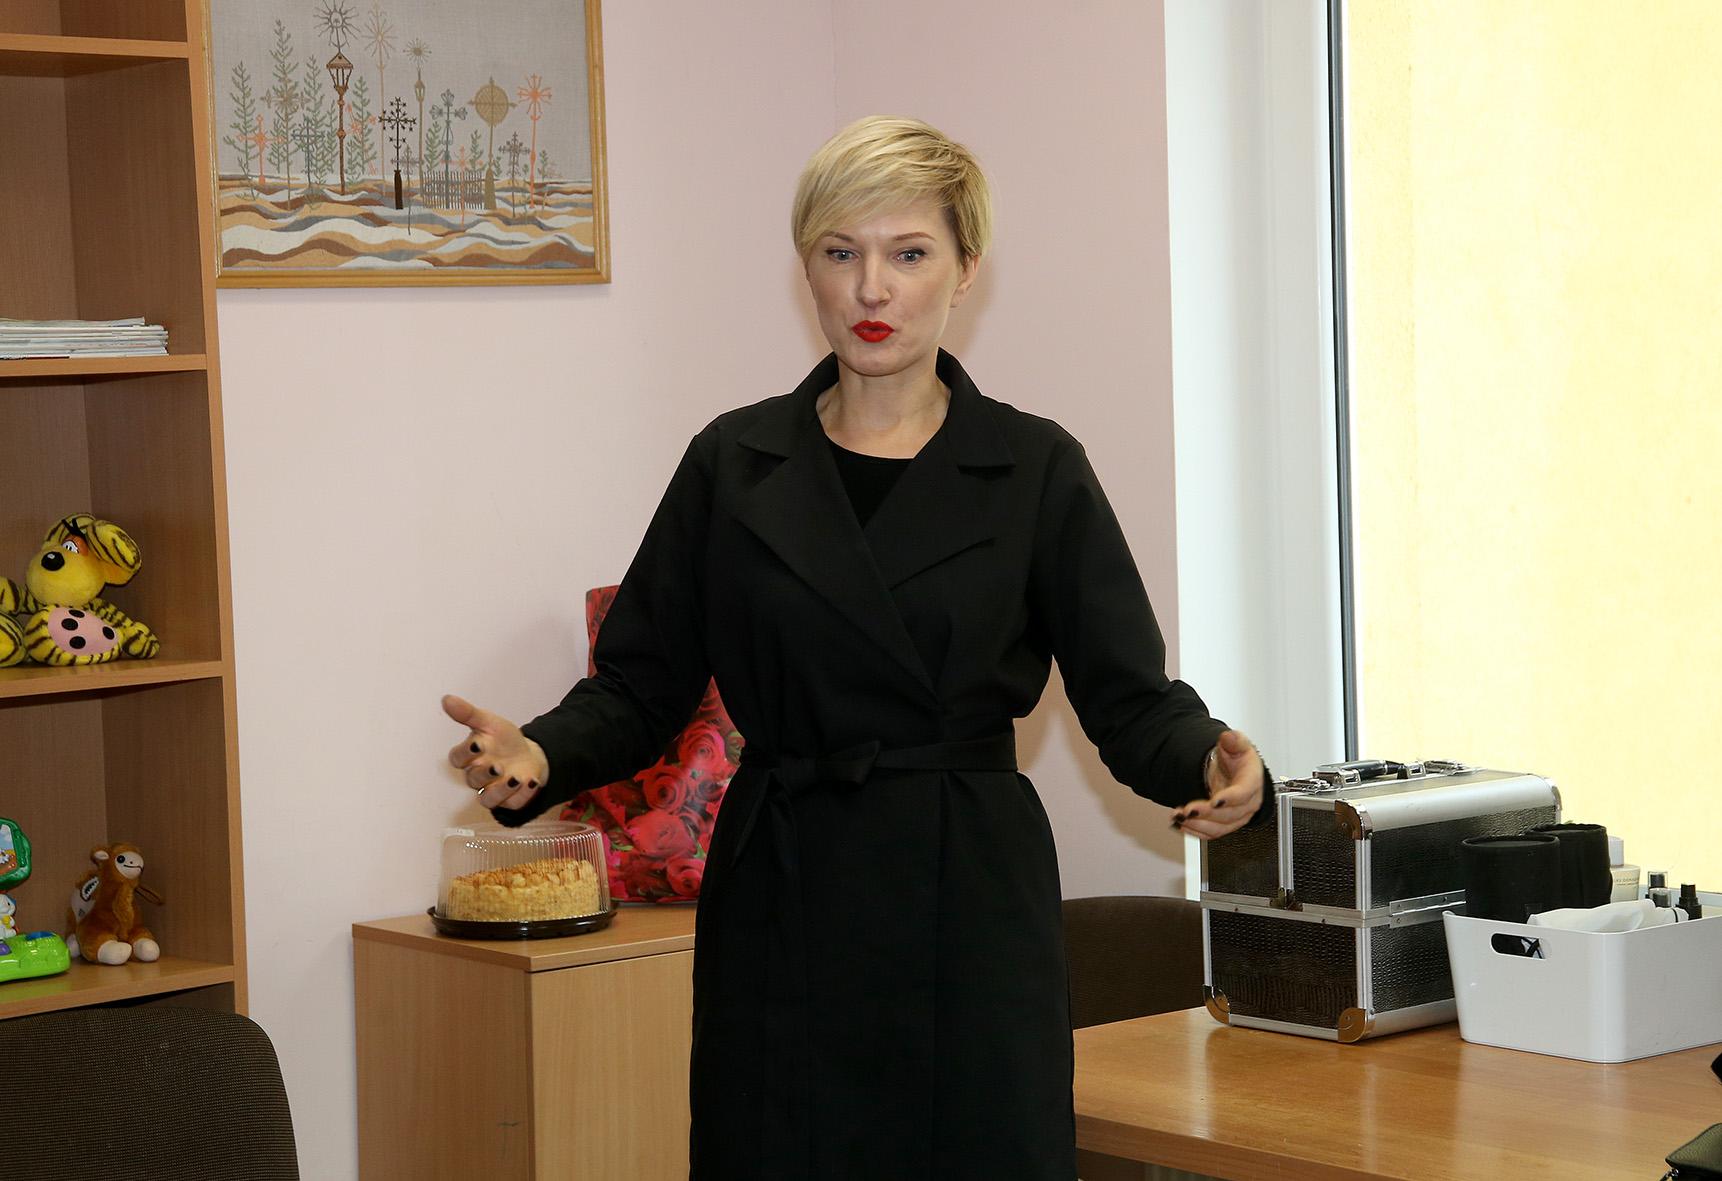 Algė Sutkevičienė su kolegėmis moterims siekė parodyti, kad yra ir kitokia gyvenimo pusė, kurioje kiekviena moteris gali būti graži. Algimanto Barzdžiaus nuotr.